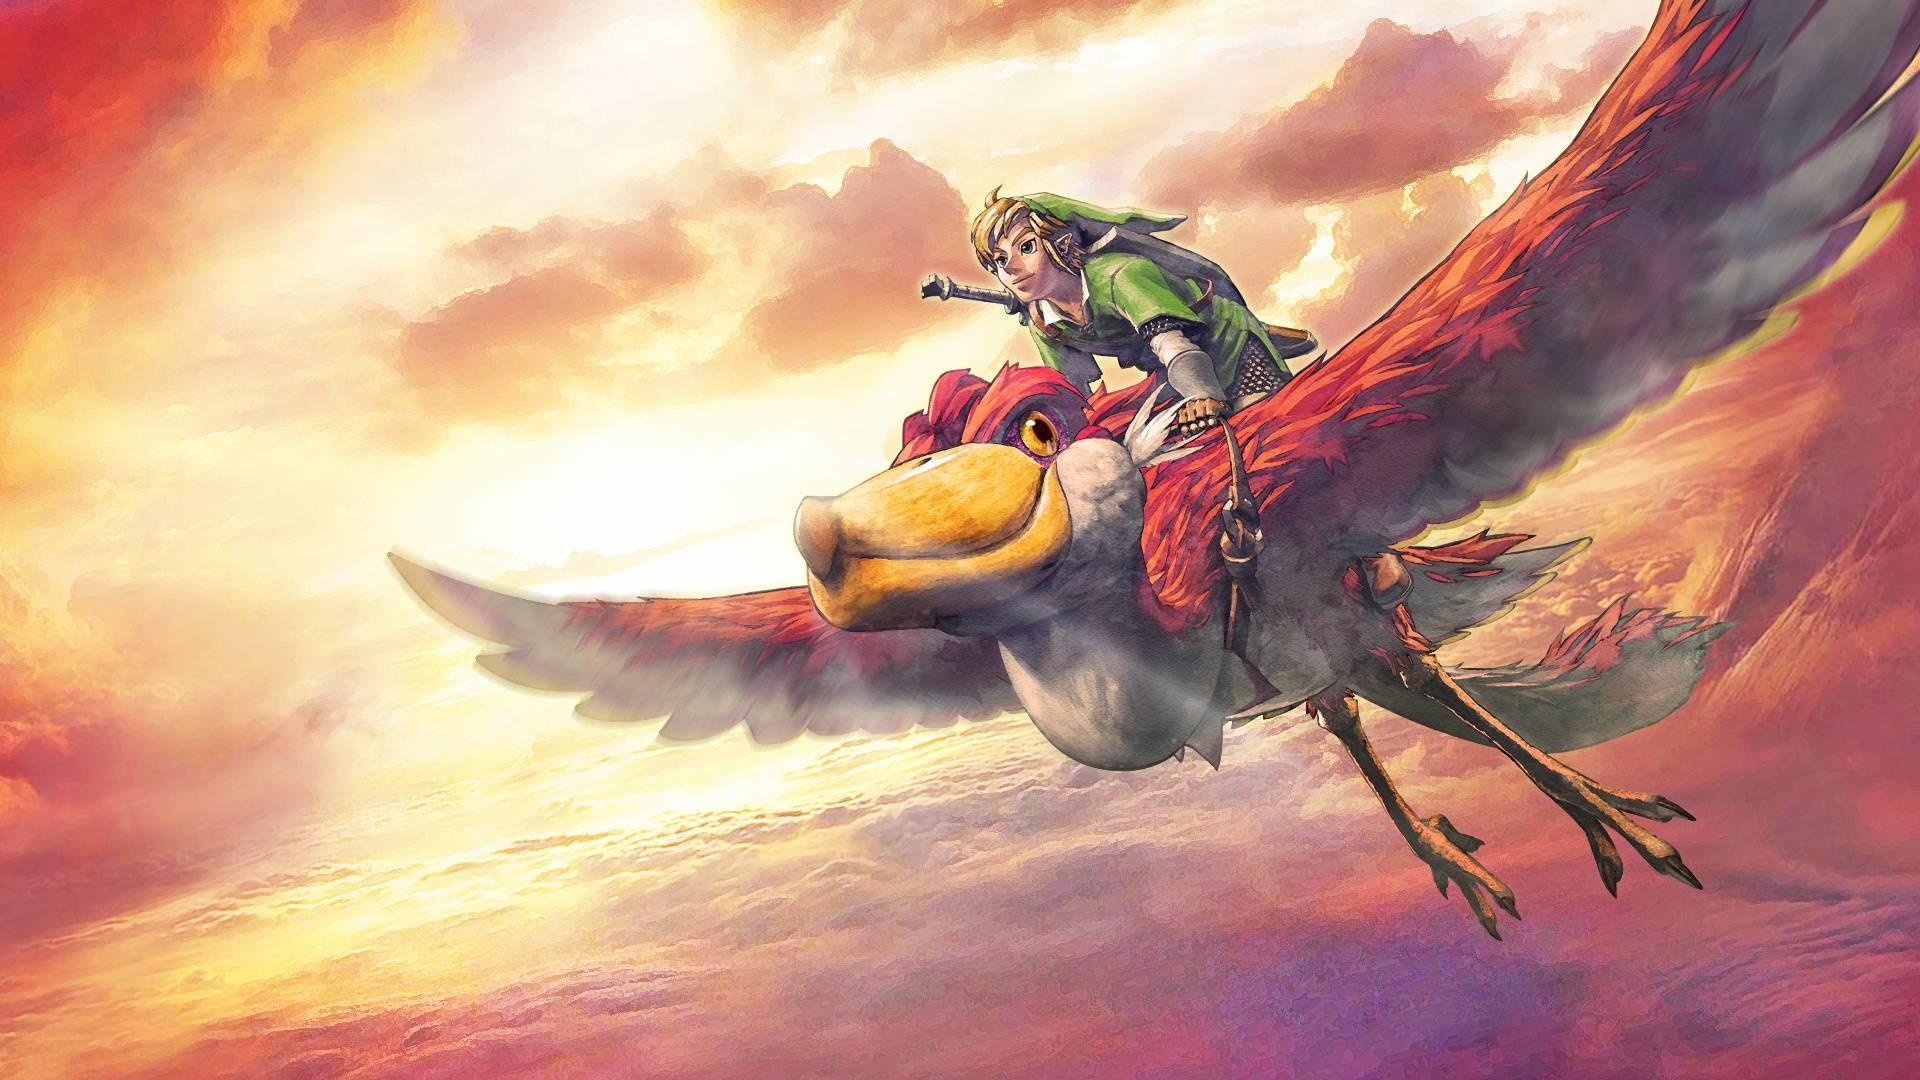 Res: 1920x1080, Zelda Wallpapers – Top 219 Zelda Wallpapers for PC & Mac, Tablet, Laptop,  Mobile